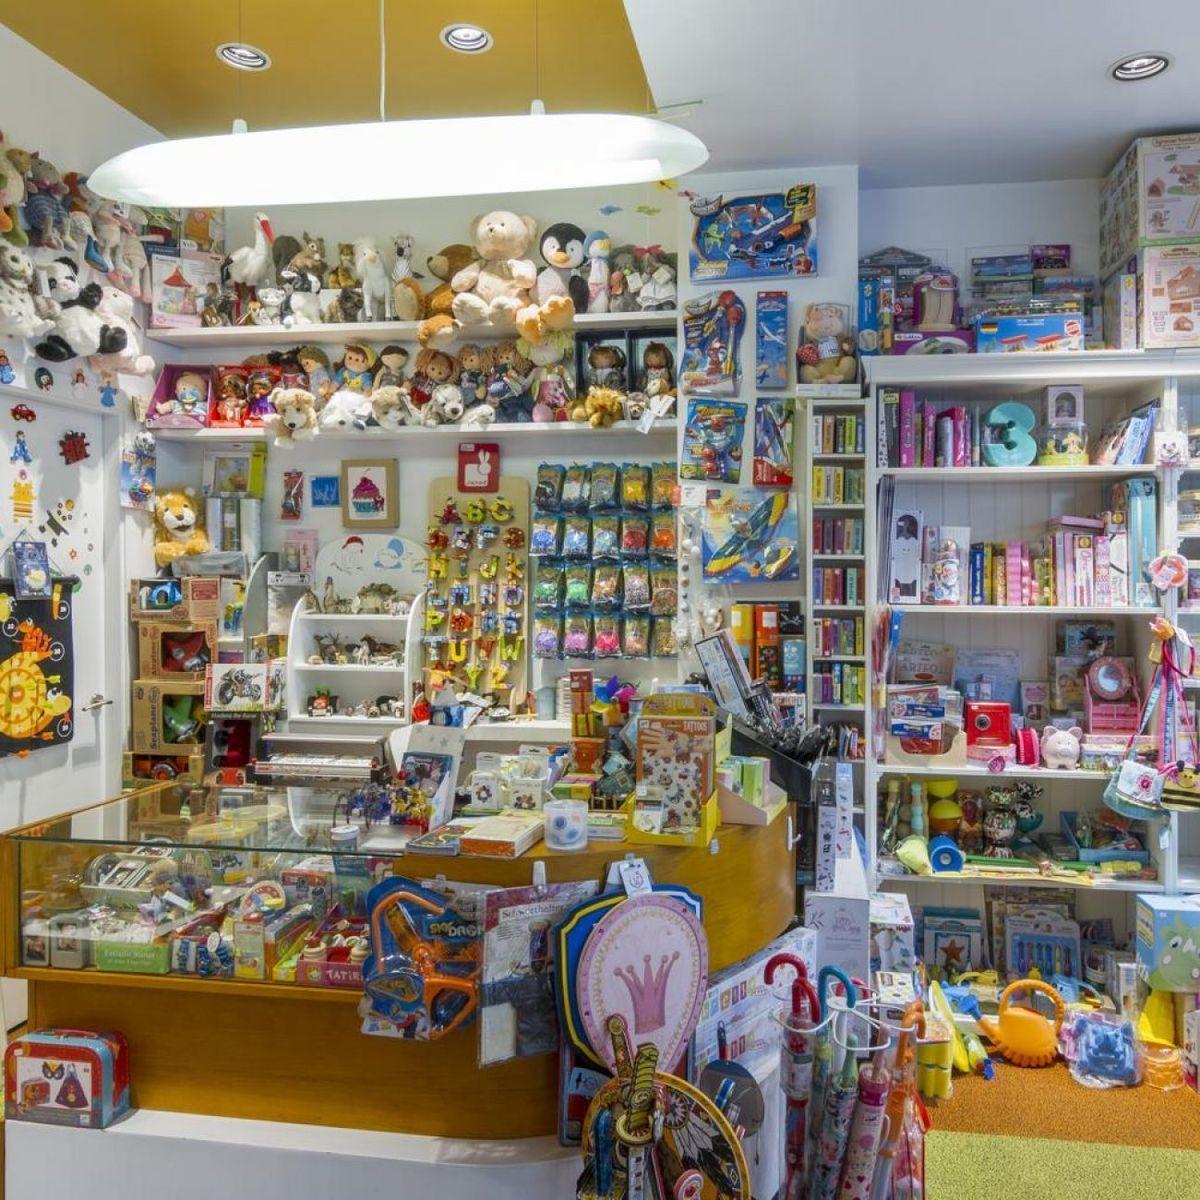 4613-ingenius-toys-juguetes-creativos-05